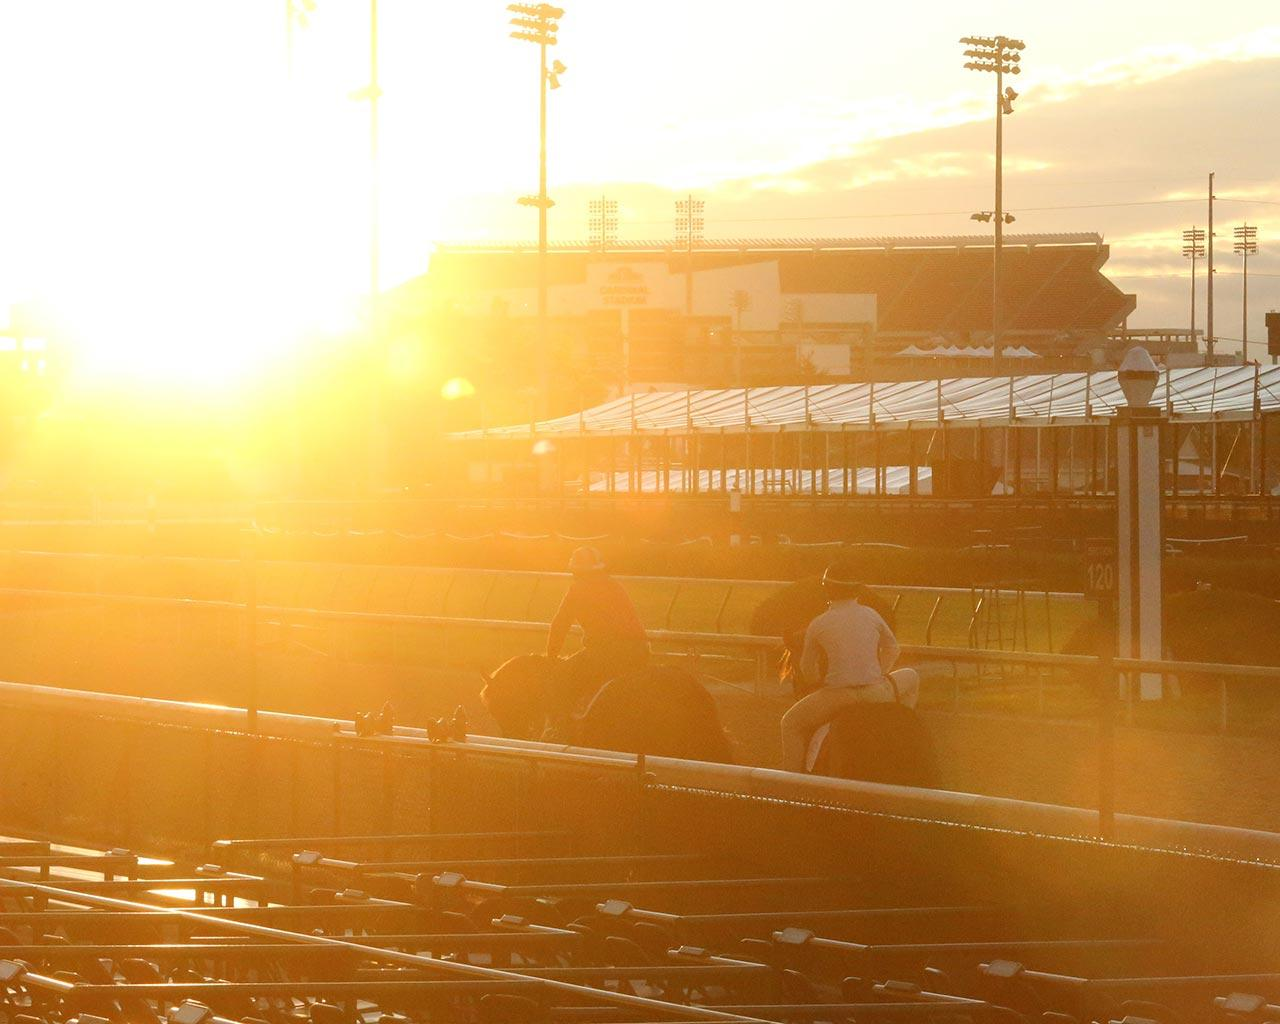 derby-backside-morning-9